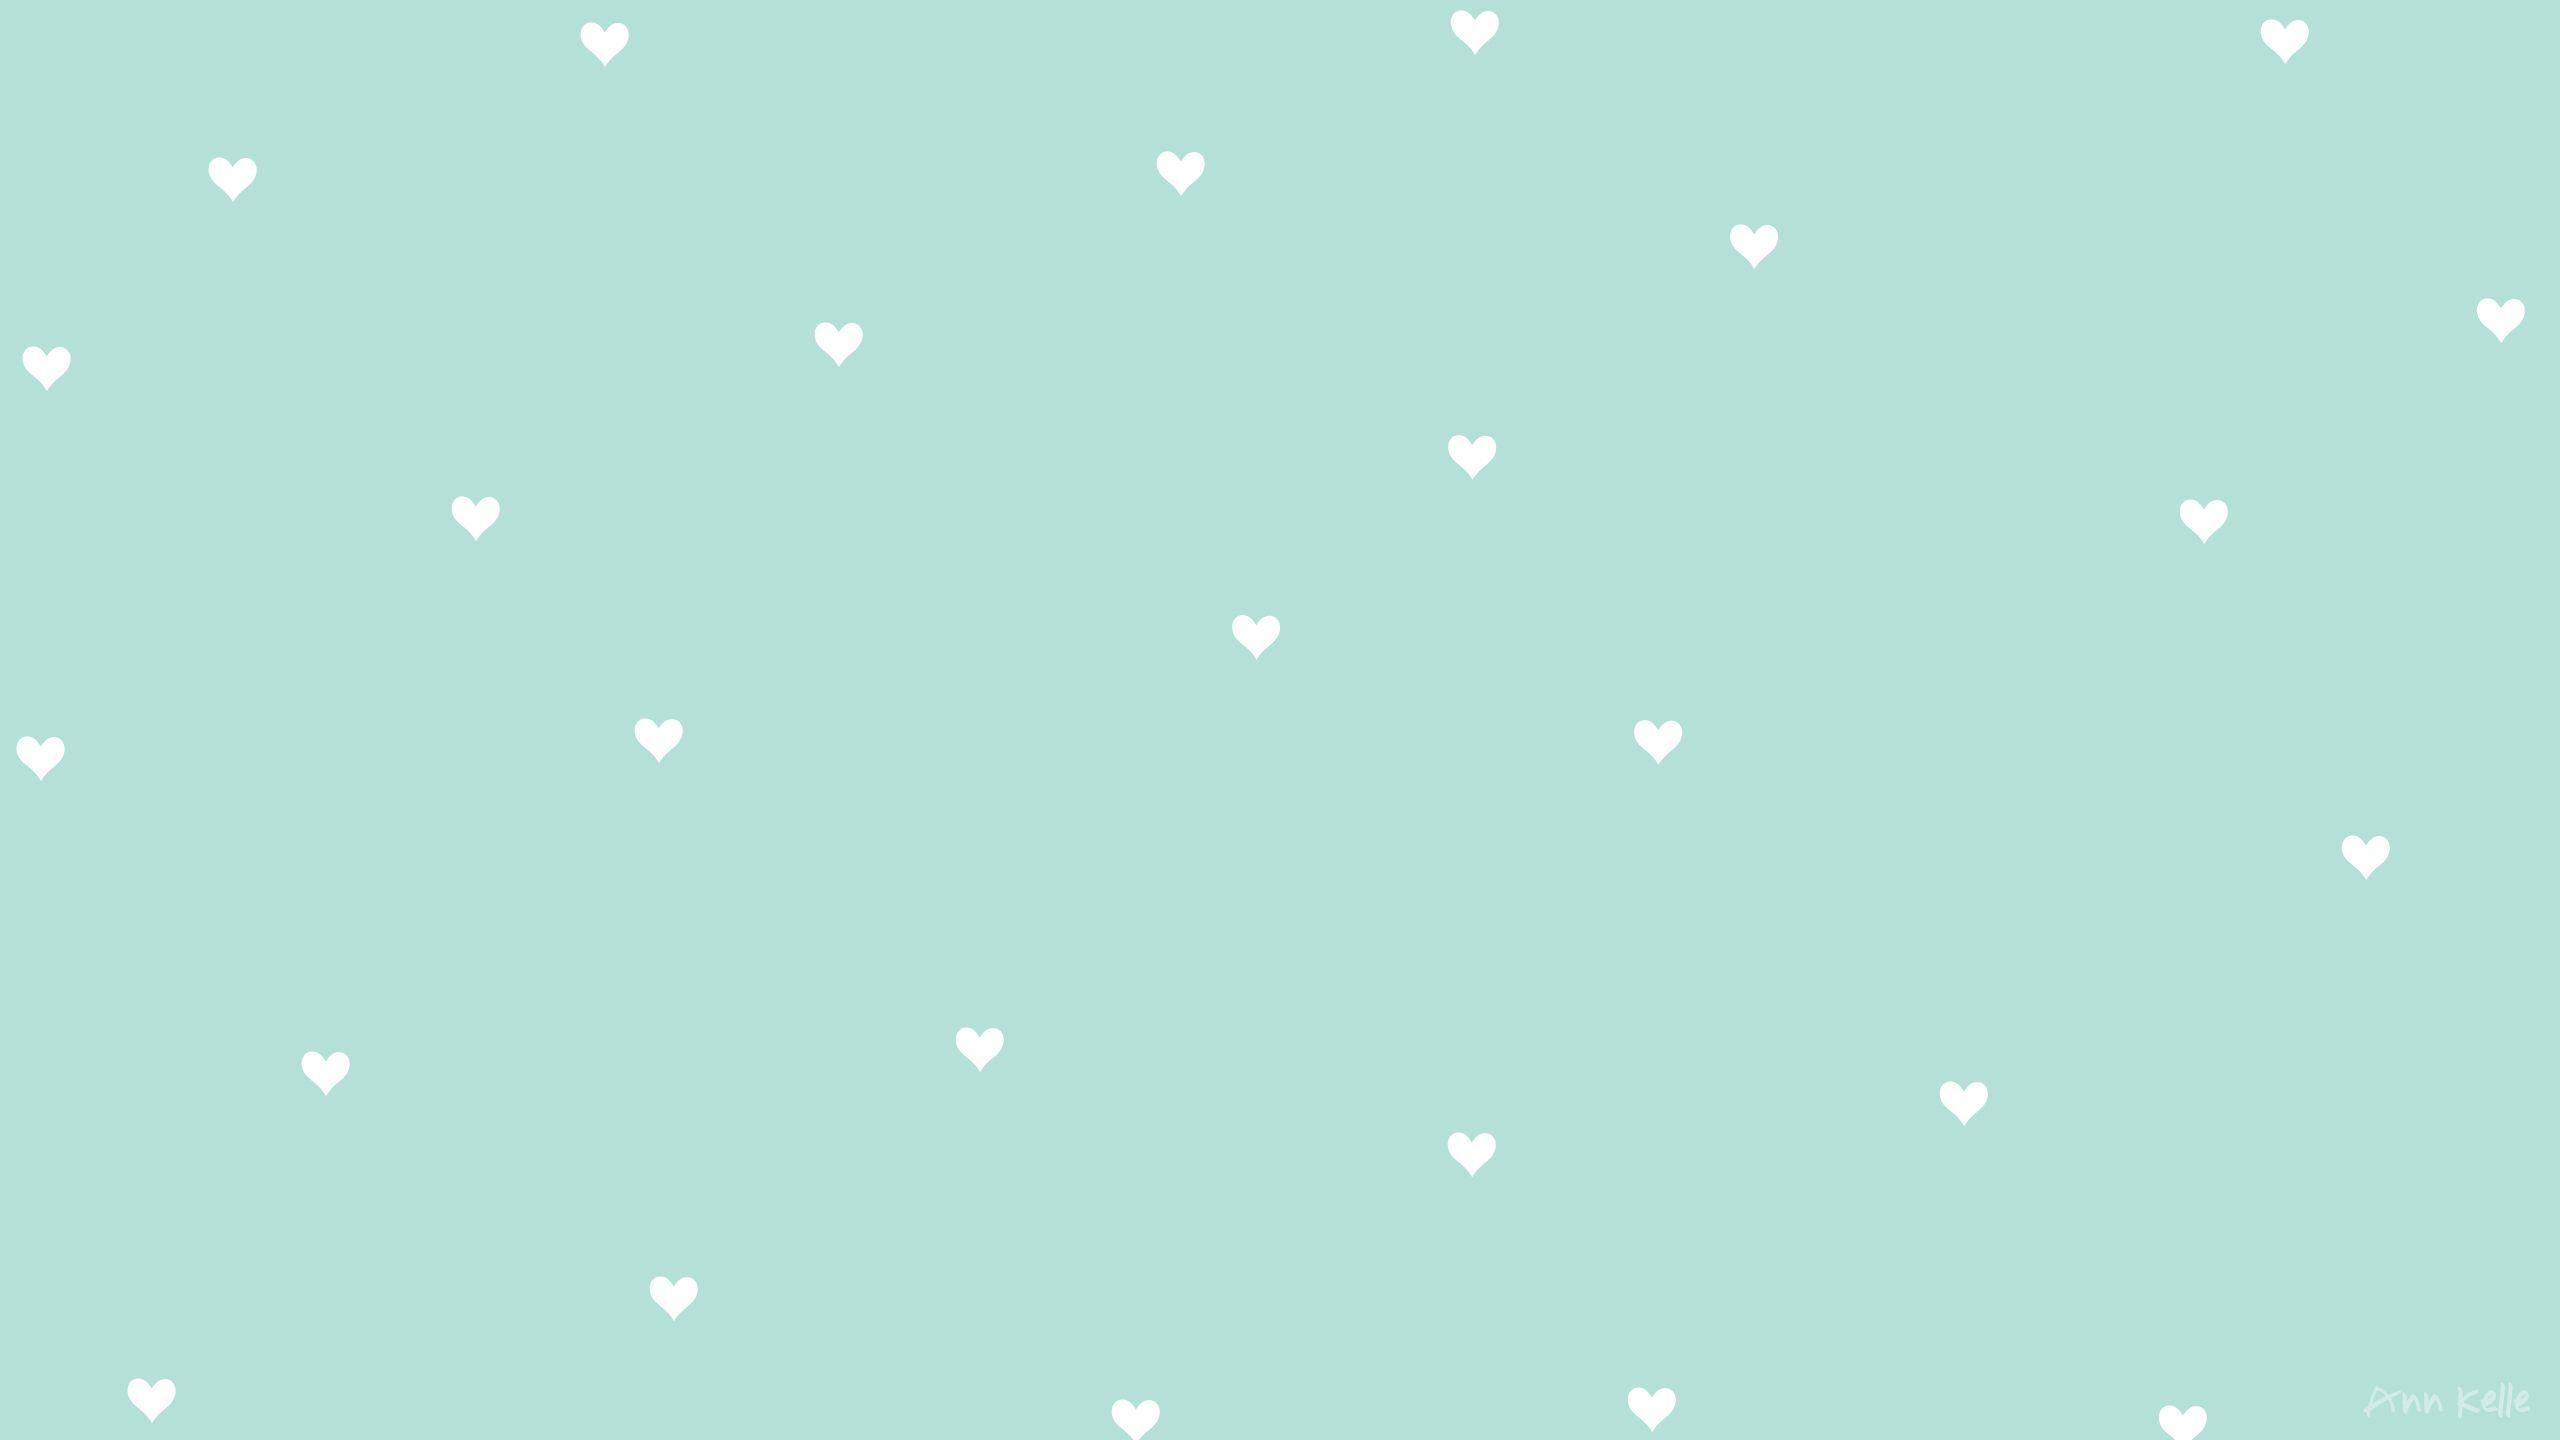 Hình nền 2K màu xanh dễ thương